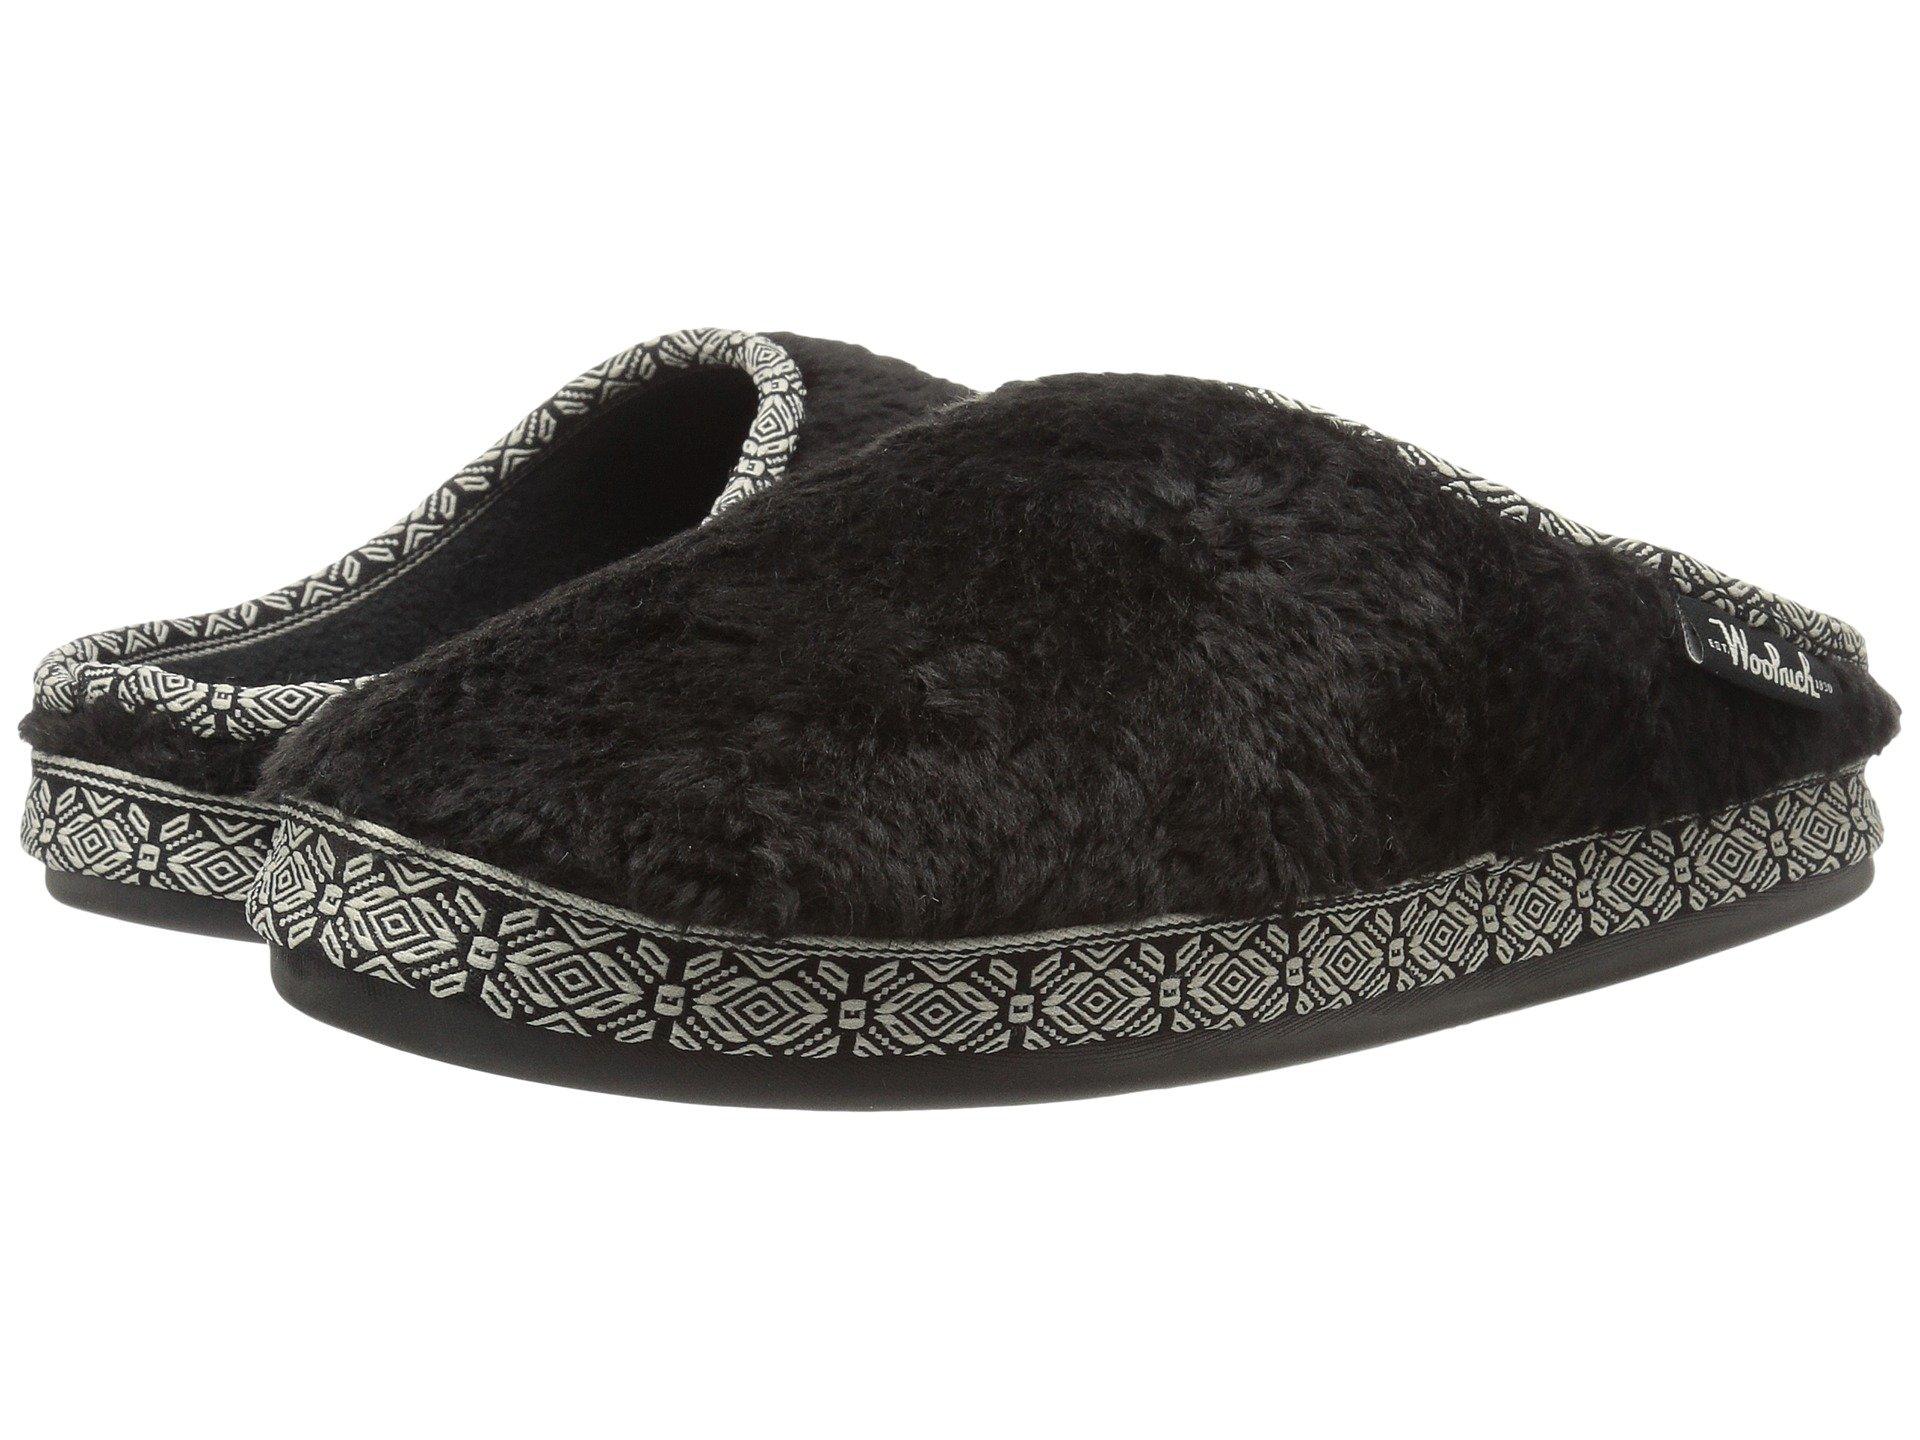 Zapato de Descanso para Mujer Woolrich Whitecap Mule  + Woolrich en VeoyCompro.net